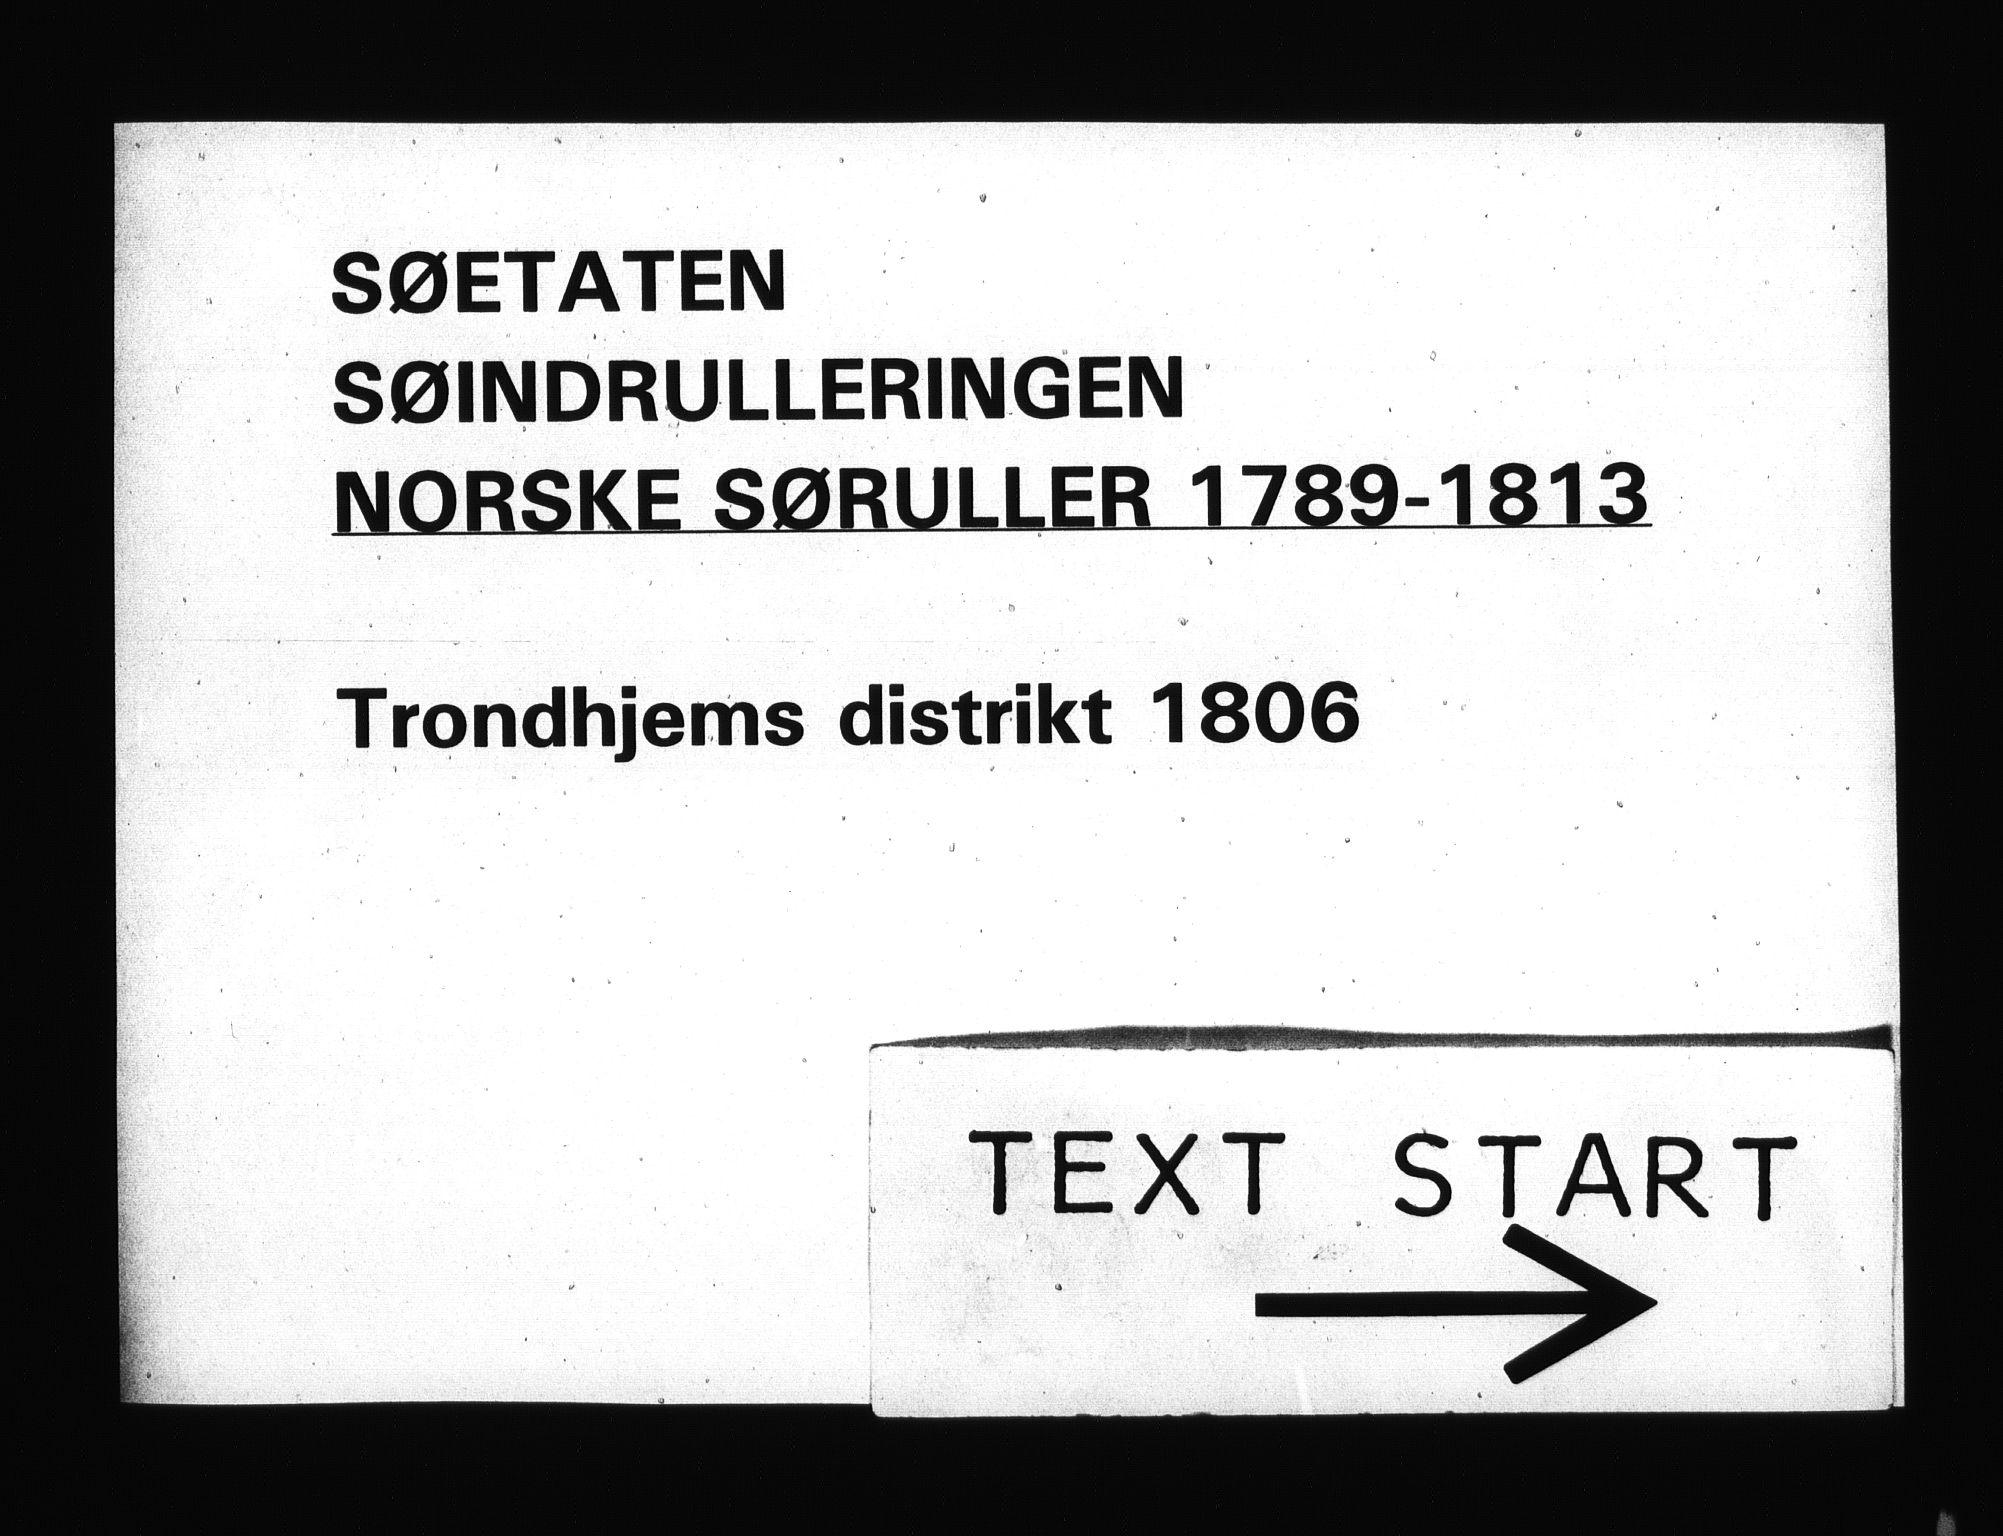 RA, Sjøetaten, F/L0333: Trondheim distrikt, bind 1, 1806